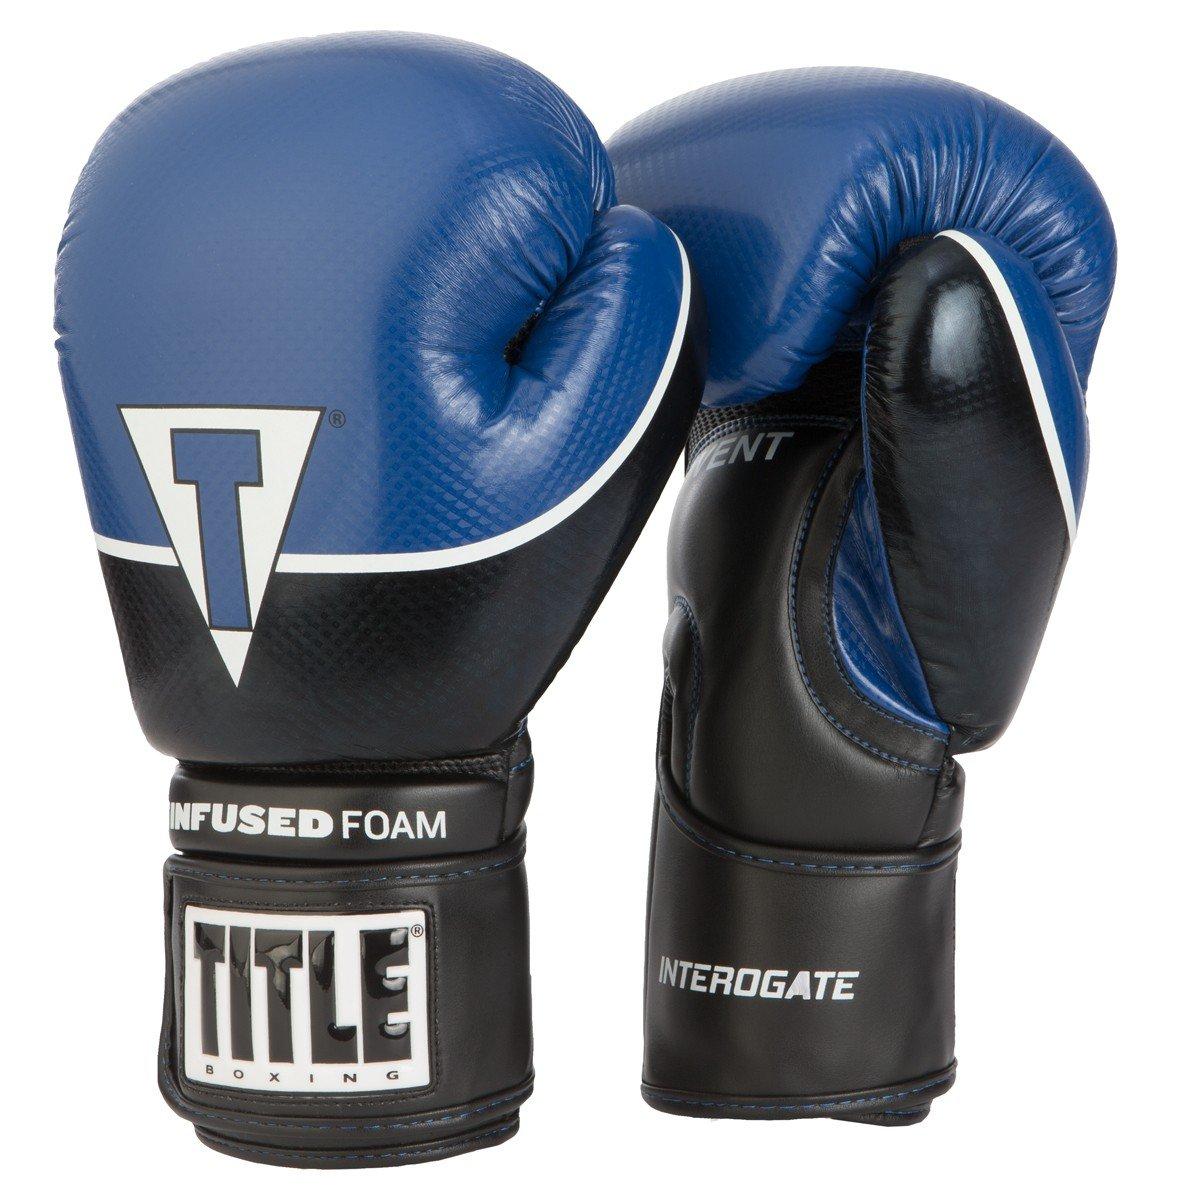 タイトル注入Foam Interrogateトレーニング手袋 B06Y4C68ZS 16 oz|ブラック/ブルー ブラック/ブルー 16 oz